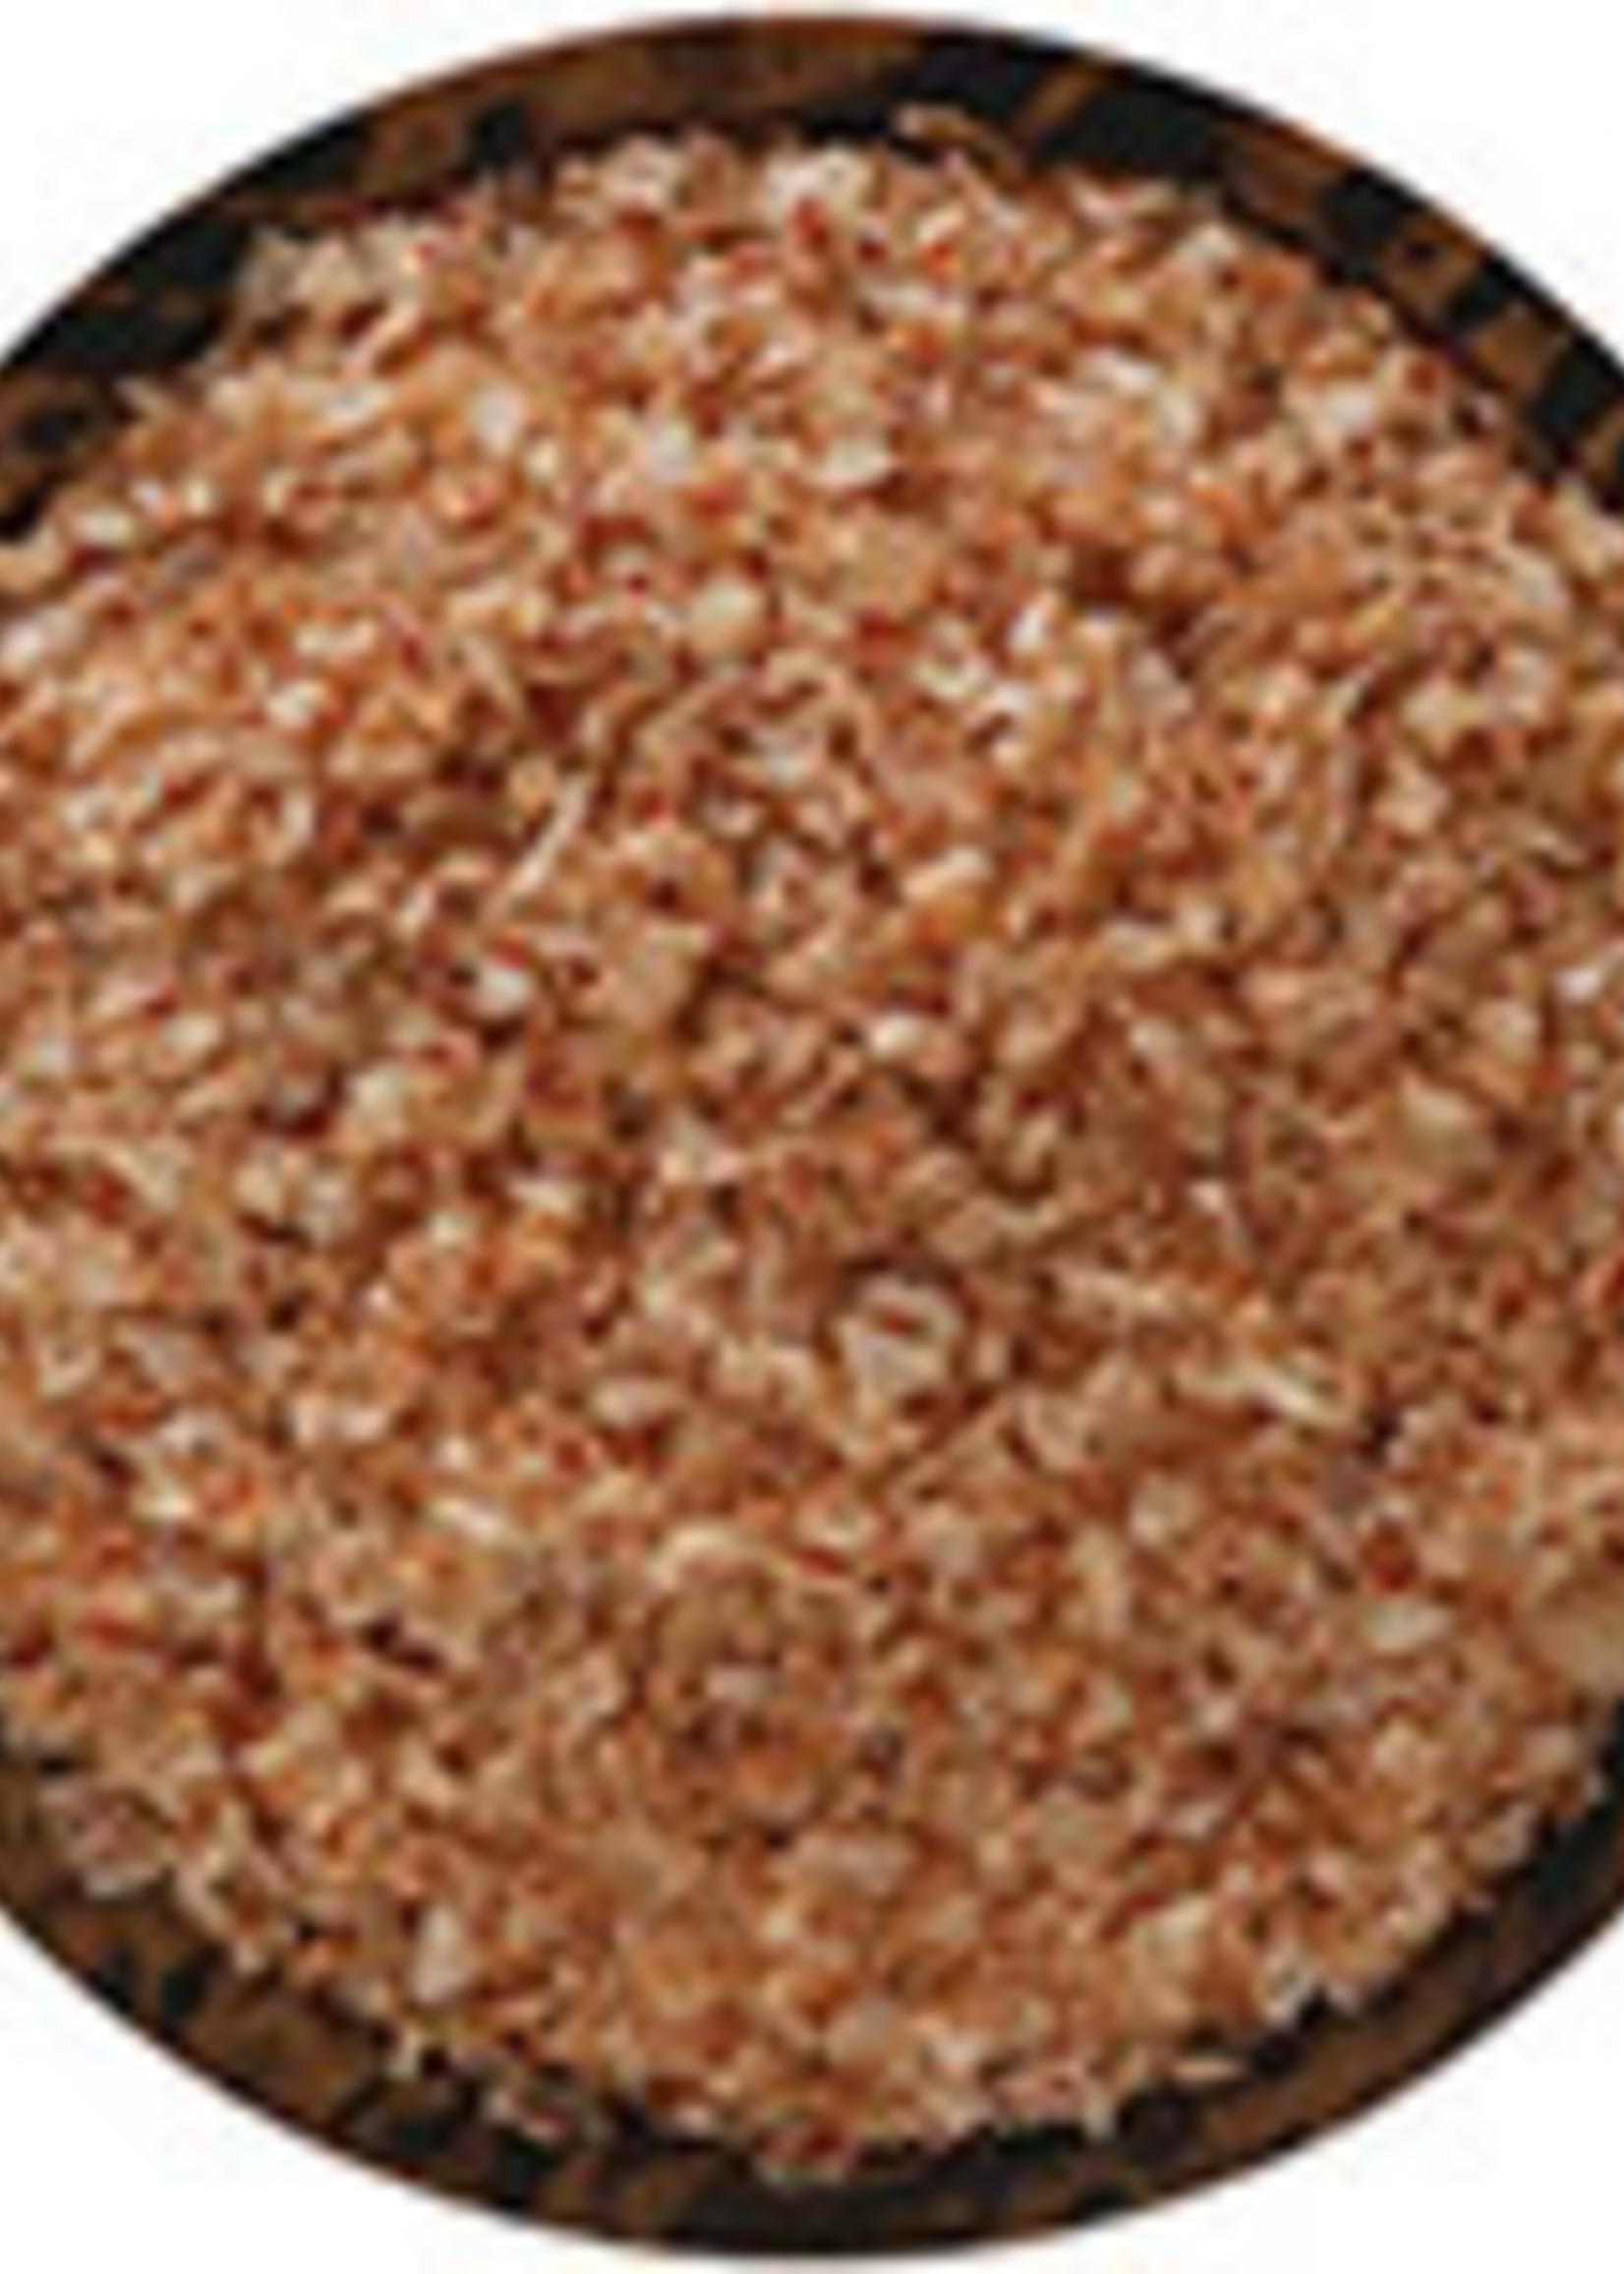 Olive Us Scorpion Venom Salt